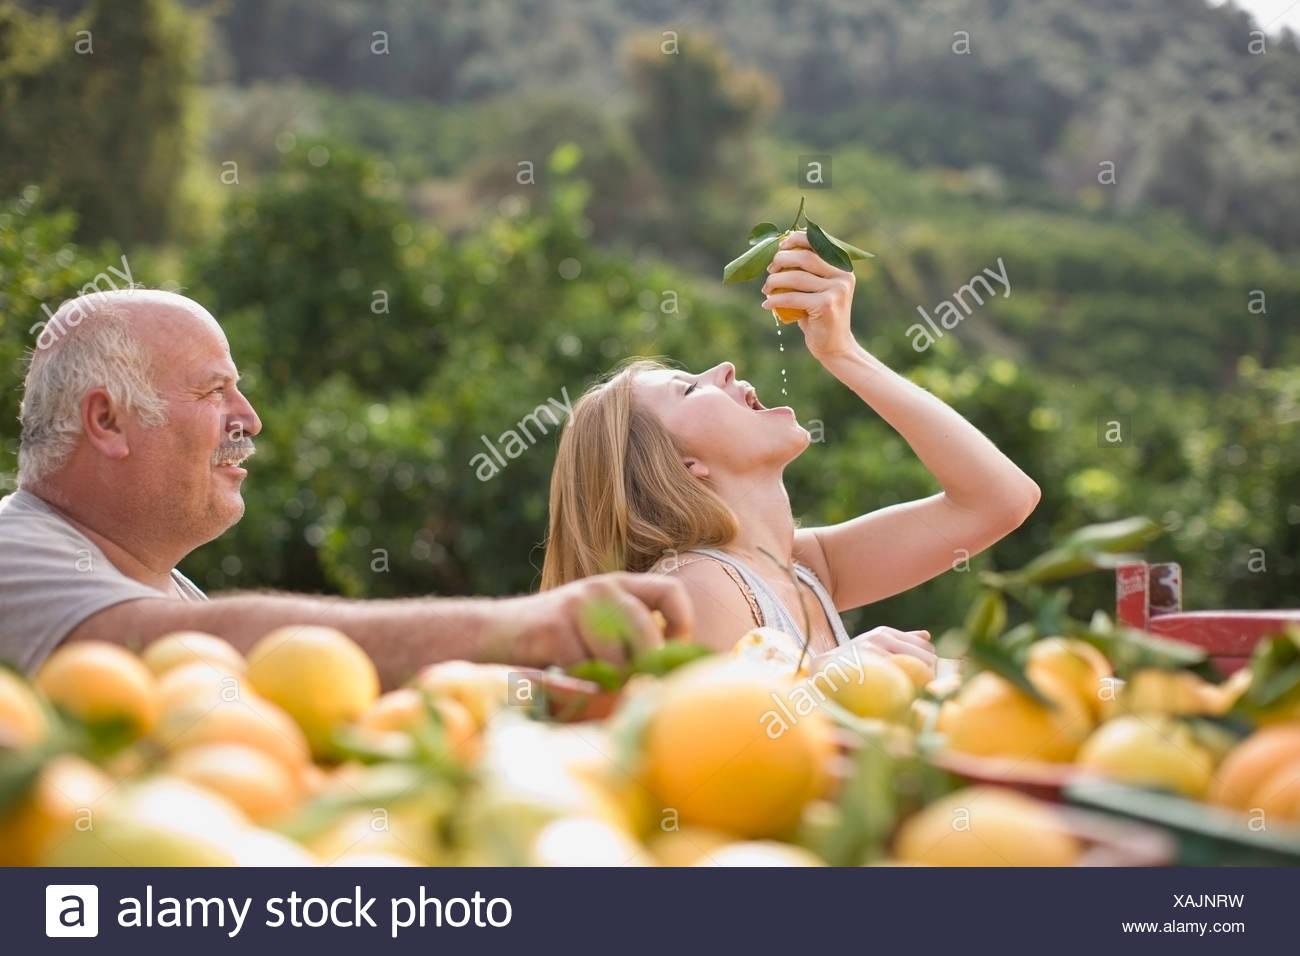 Girl squashing an orange - Stock Image